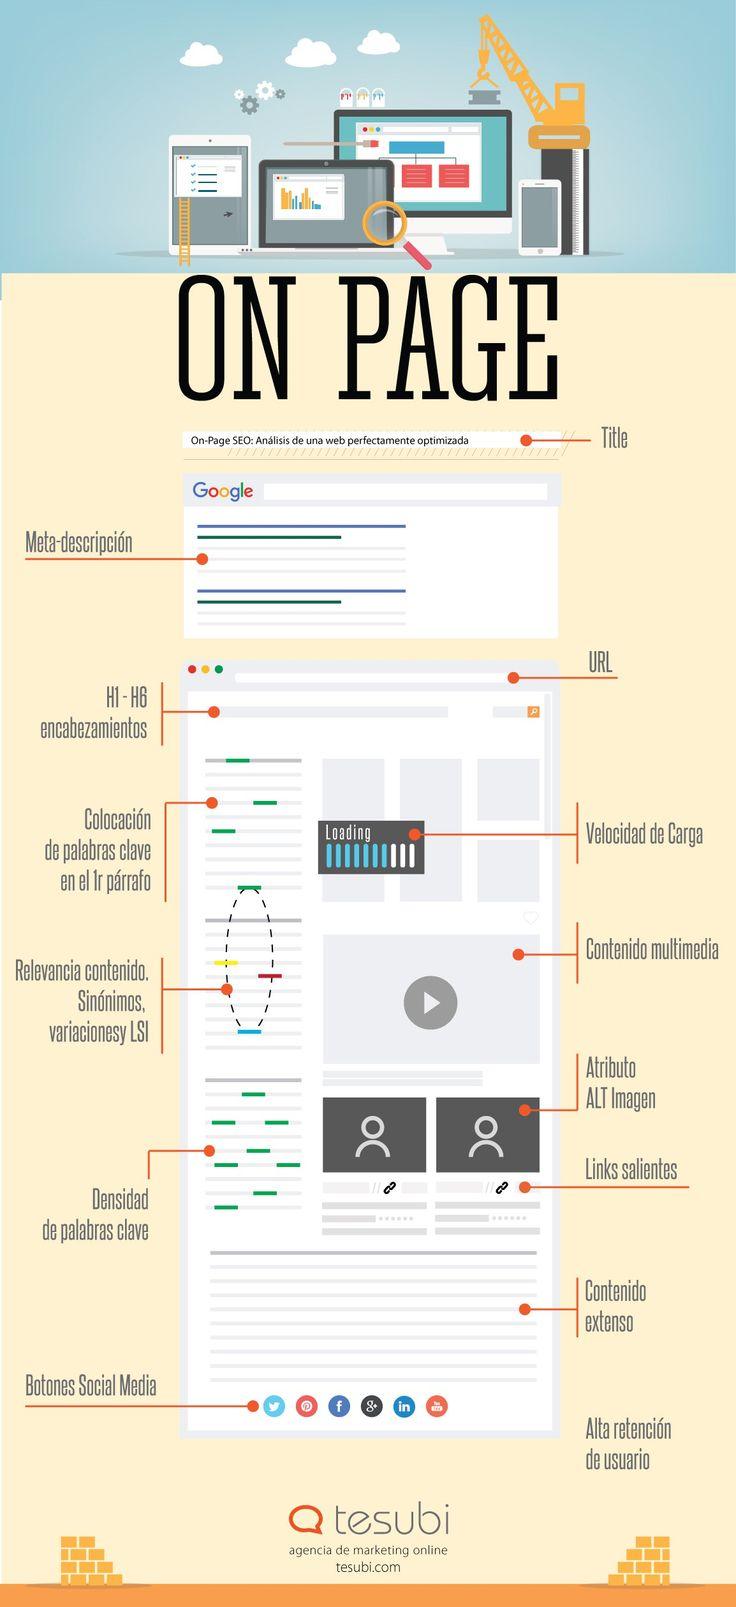 Infografía Elementos a tener en cuenta a la hora de diseñar una estrategia de SEO On Page